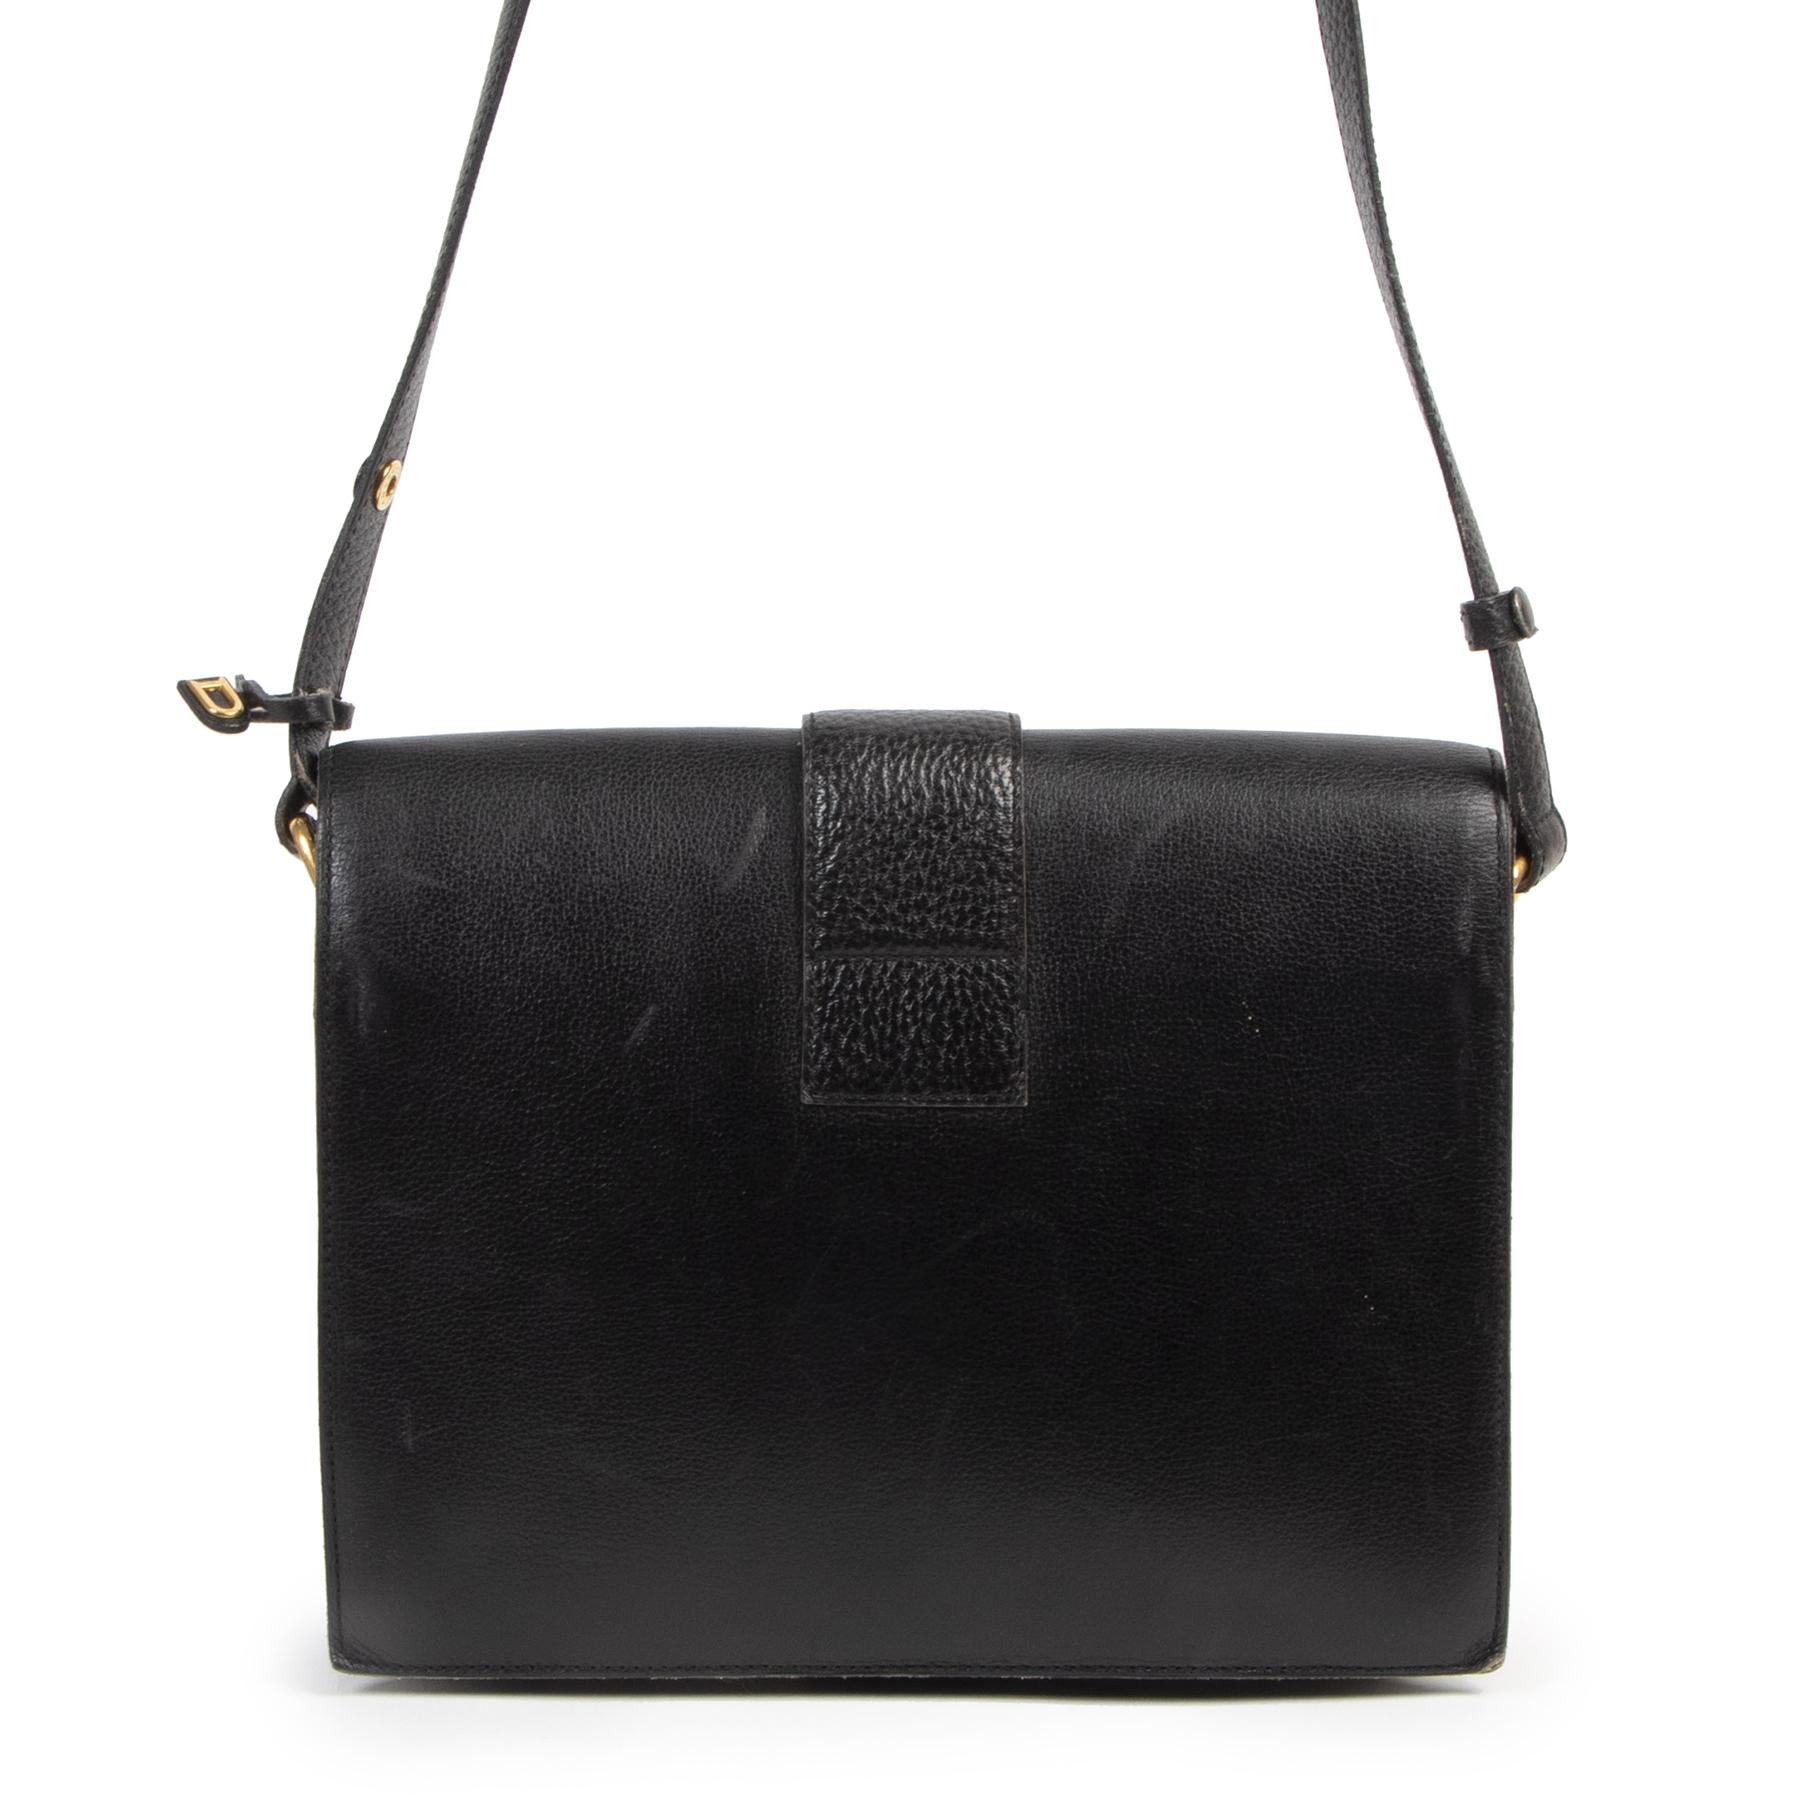 Authentieke Tweedehands Delvaux Buckle Navy Crossbody Bag juiste prijs veilig online shoppen luxe merken webshop winkelen Antwerpen België mode fashion